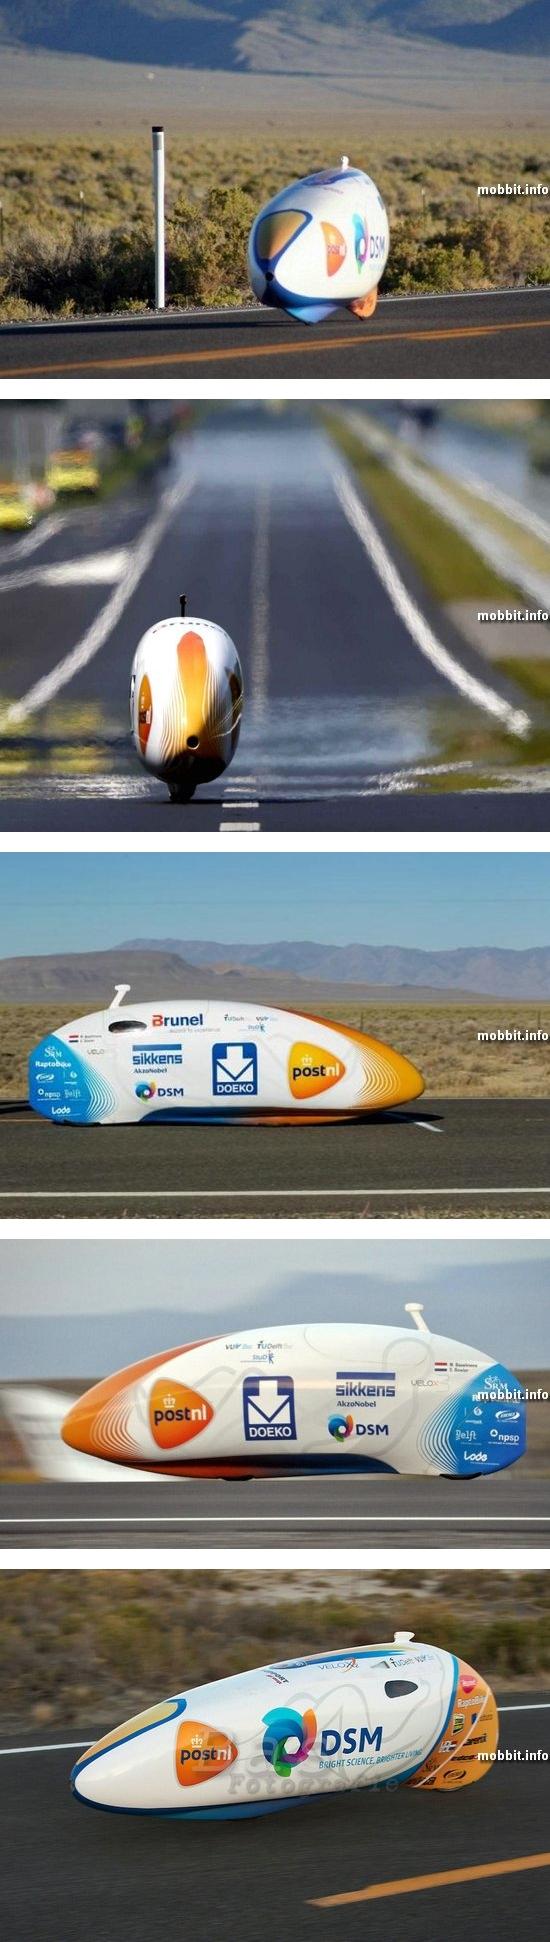 Новый рекорд скорости для велосипеда: 134 км/ч